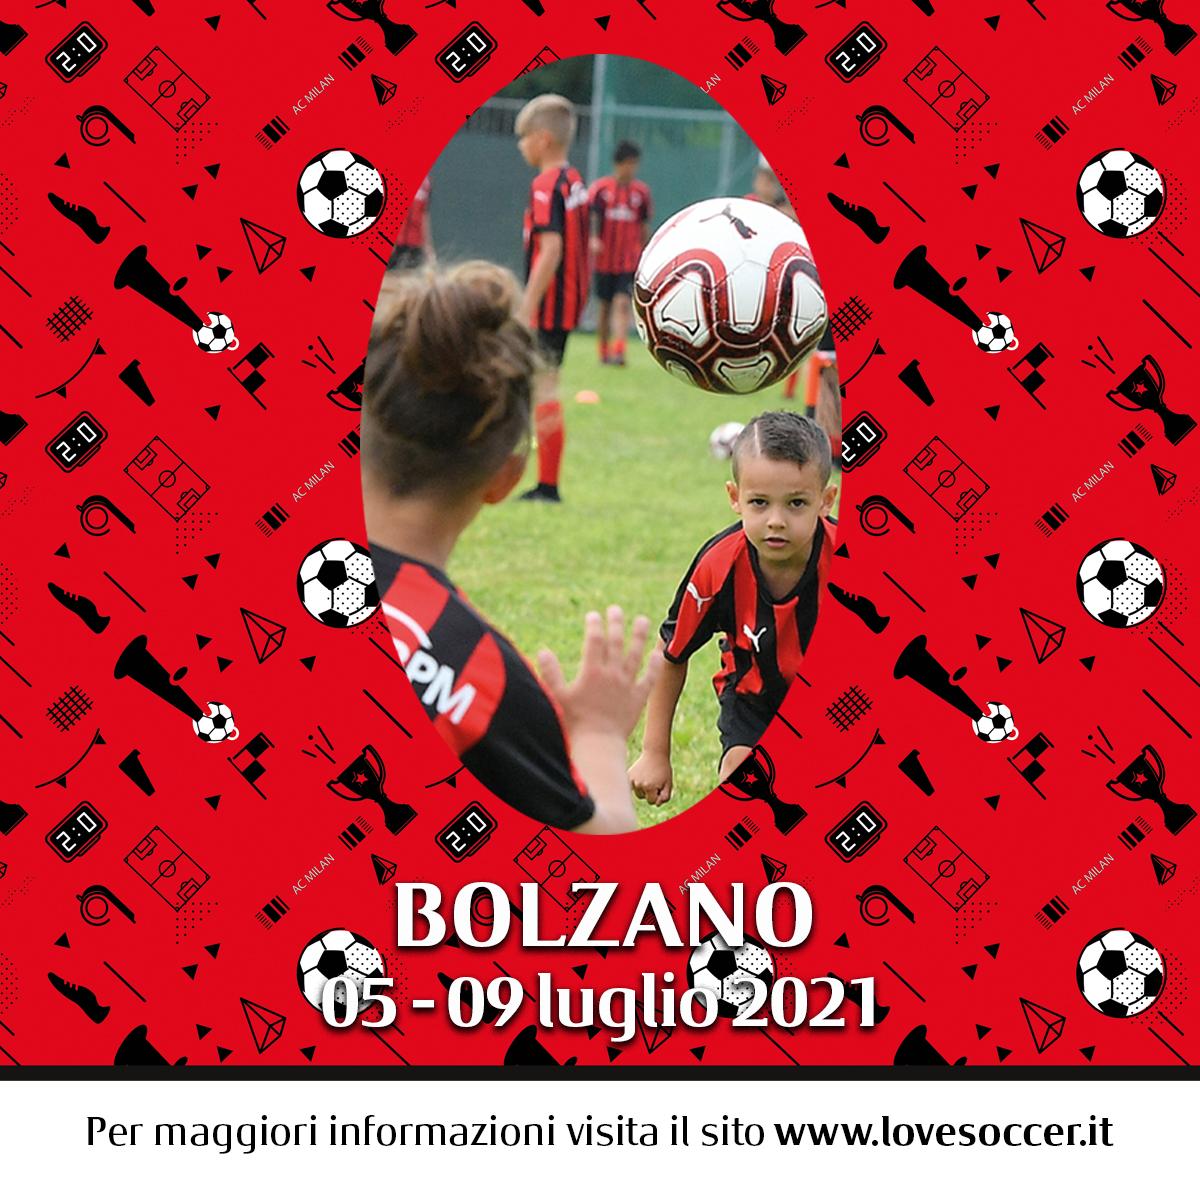 Bolzano 5-9 luglio 2021: ISCRIZIONI CHIUSE